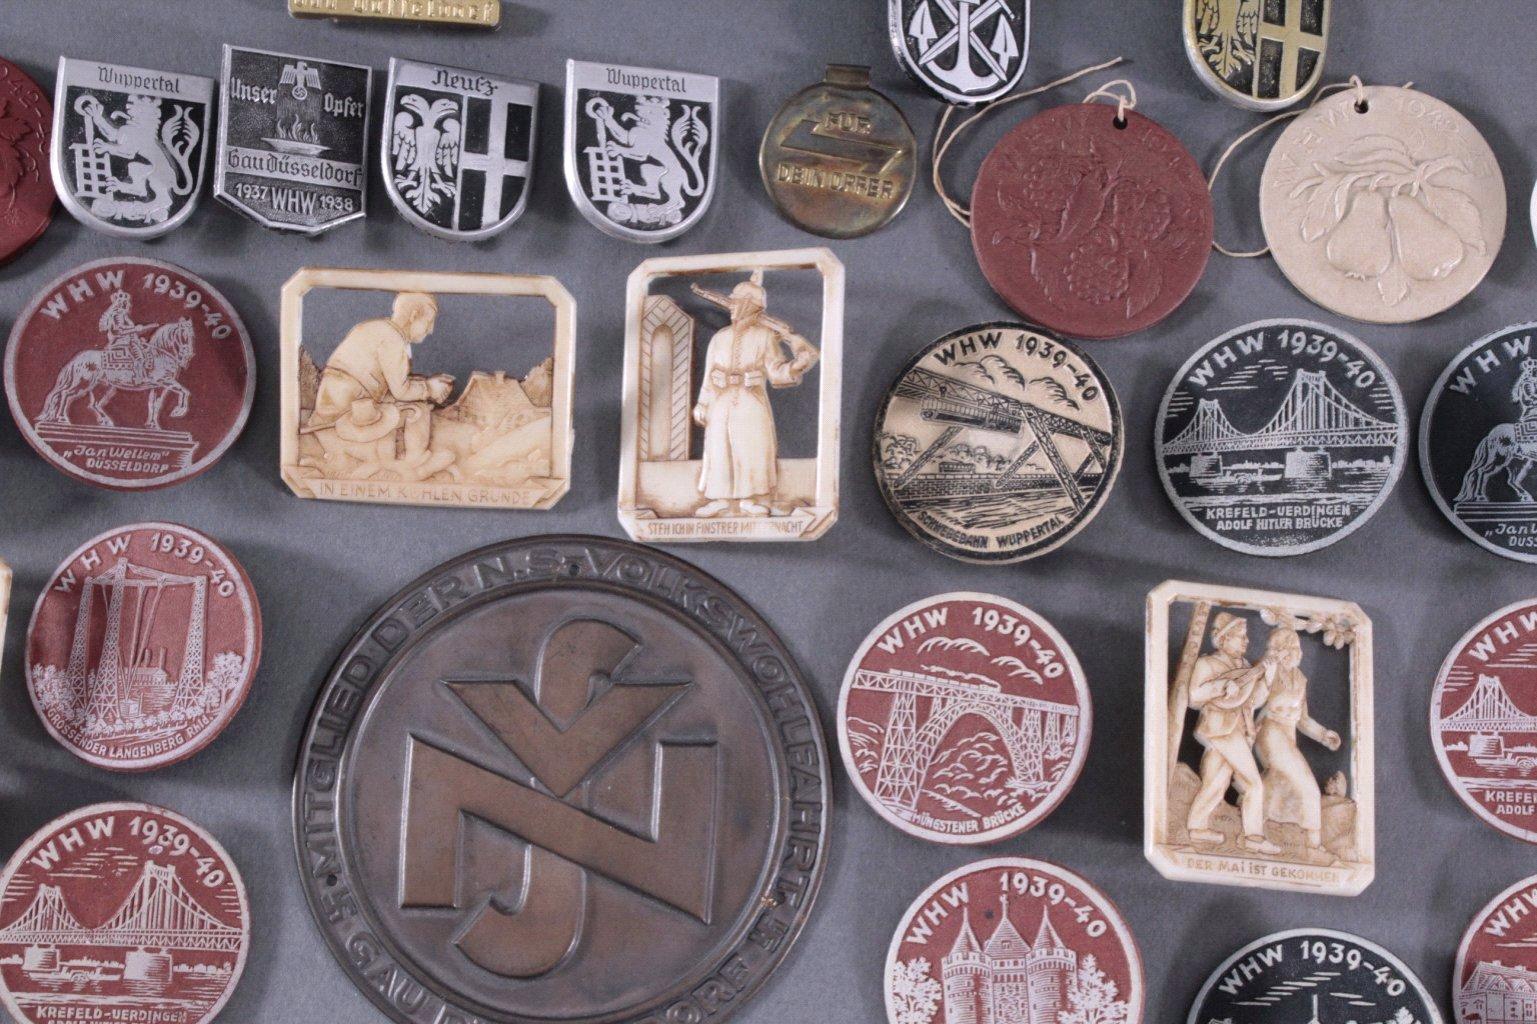 Ca. 60 WHW Abzeichen, Spendenbelege und Brief-4